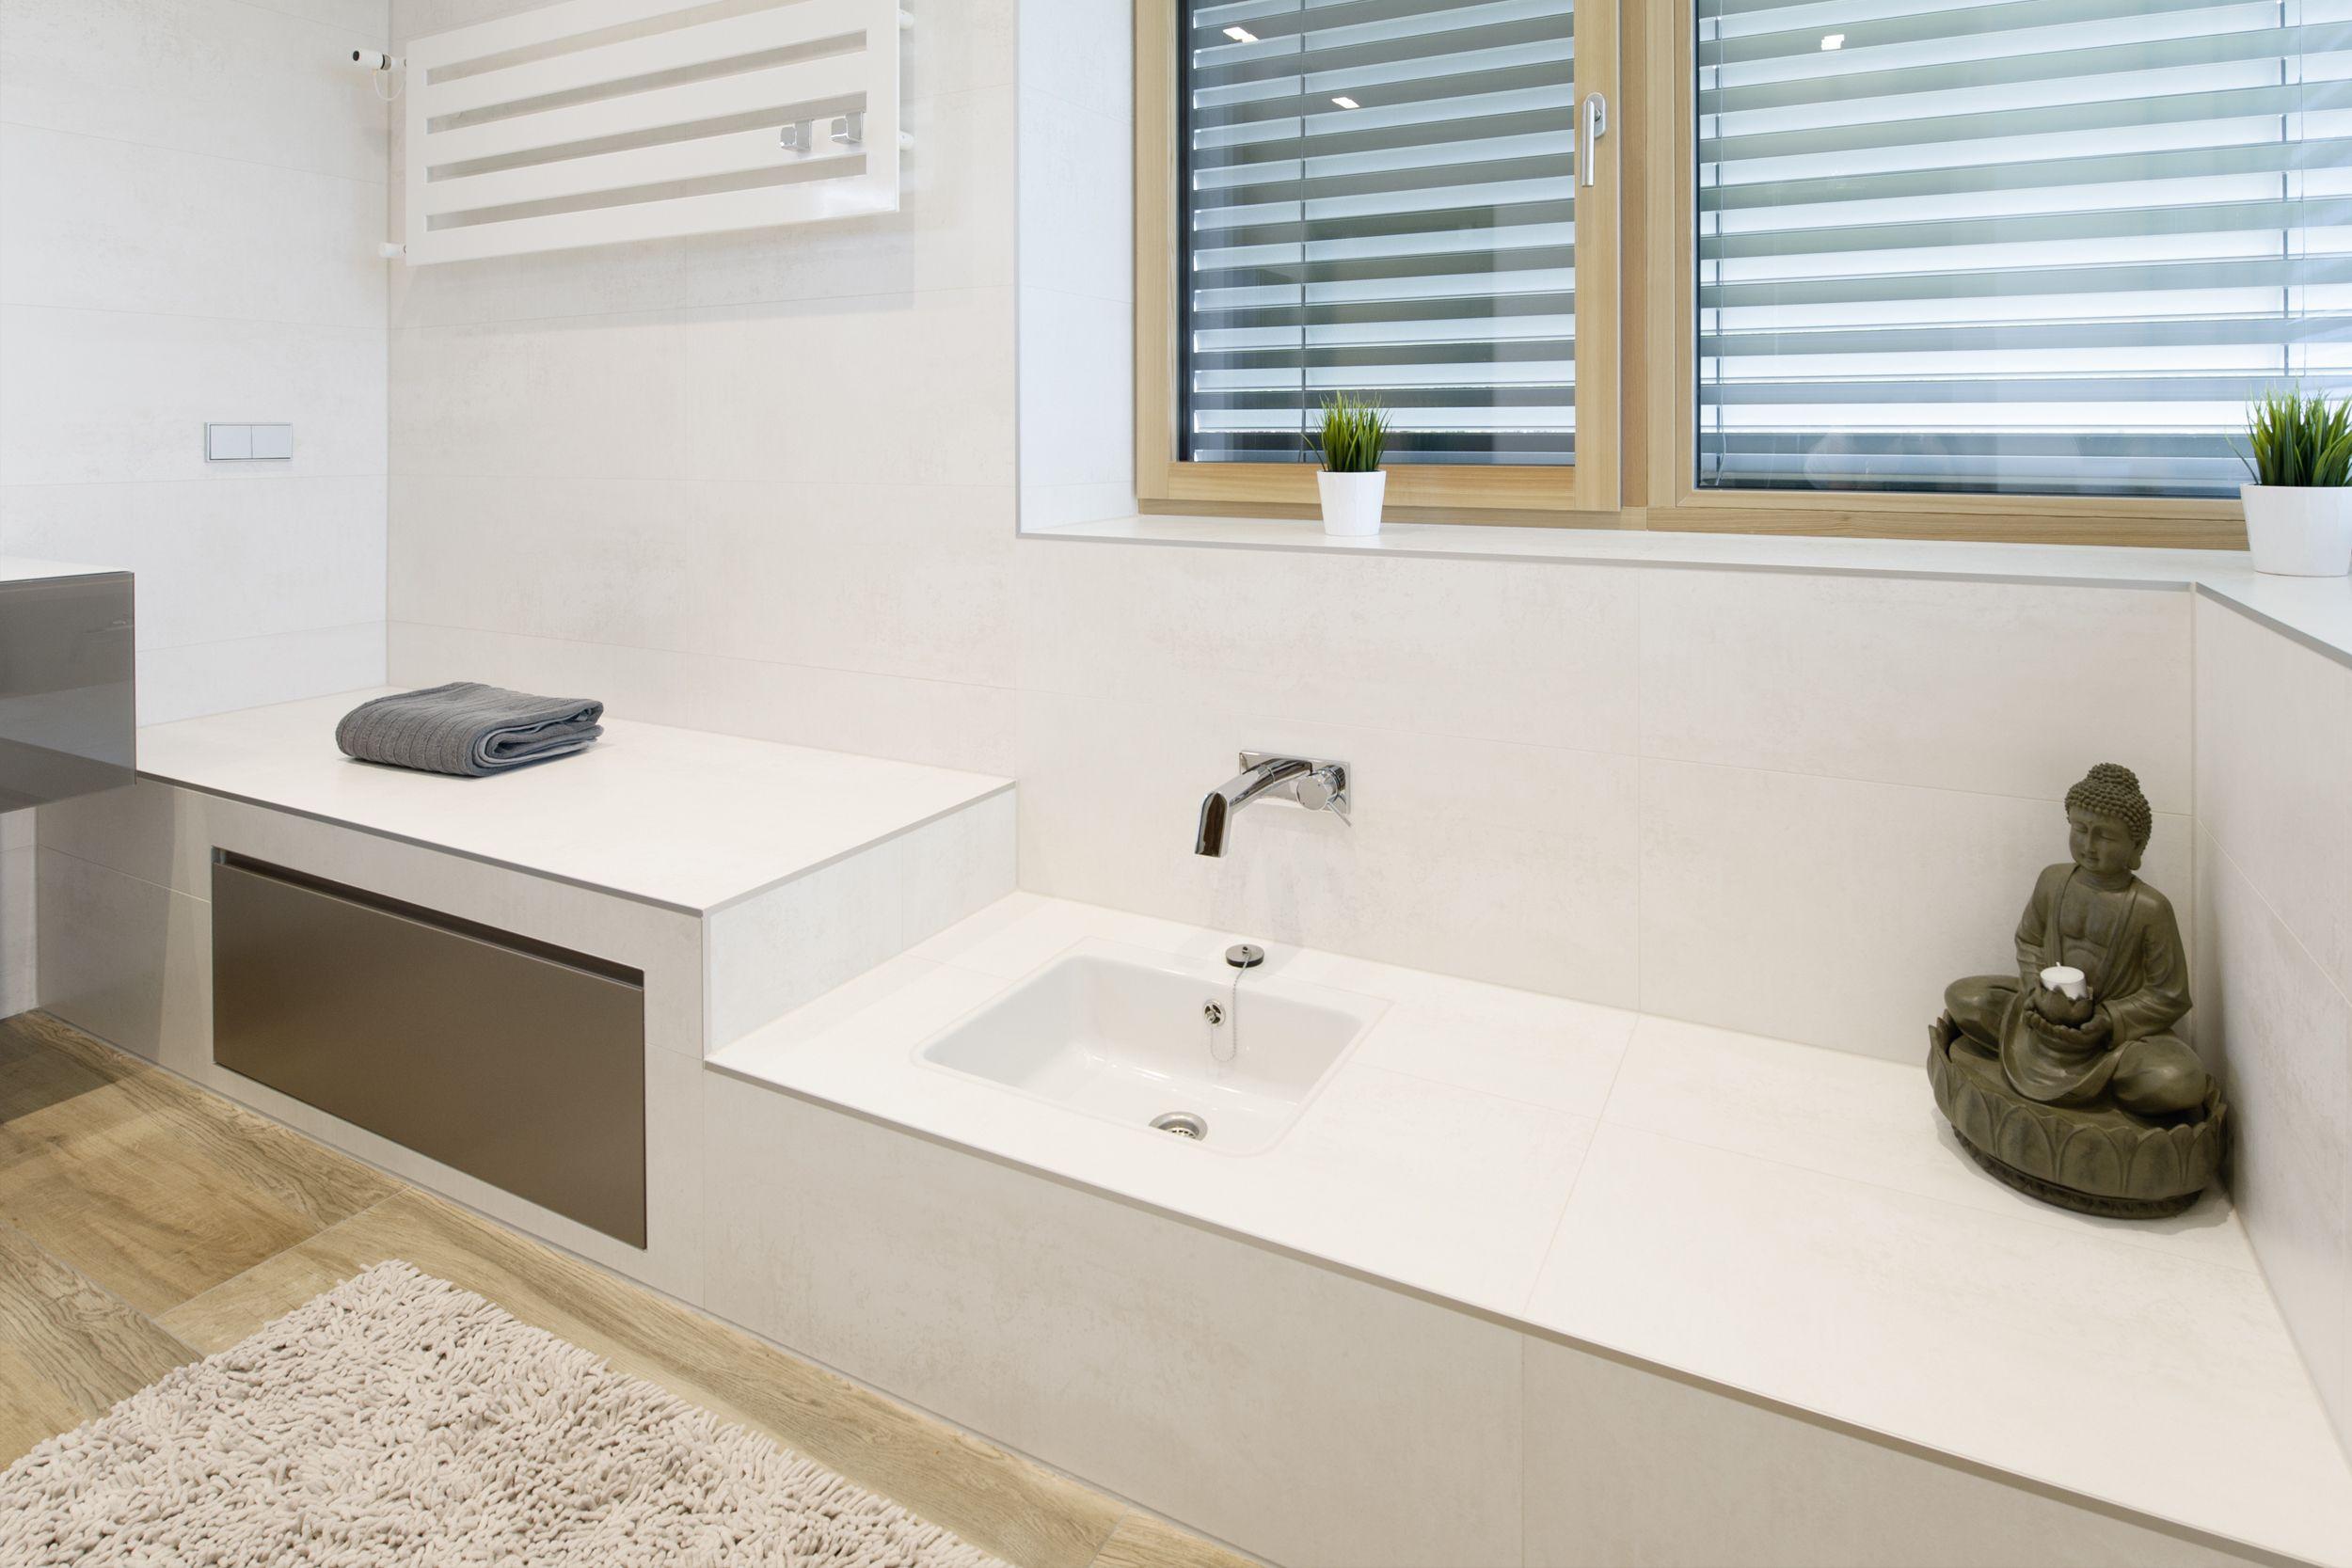 Gemauerte Sitzbank mit Fußwaschbecken • Fliesenboden in